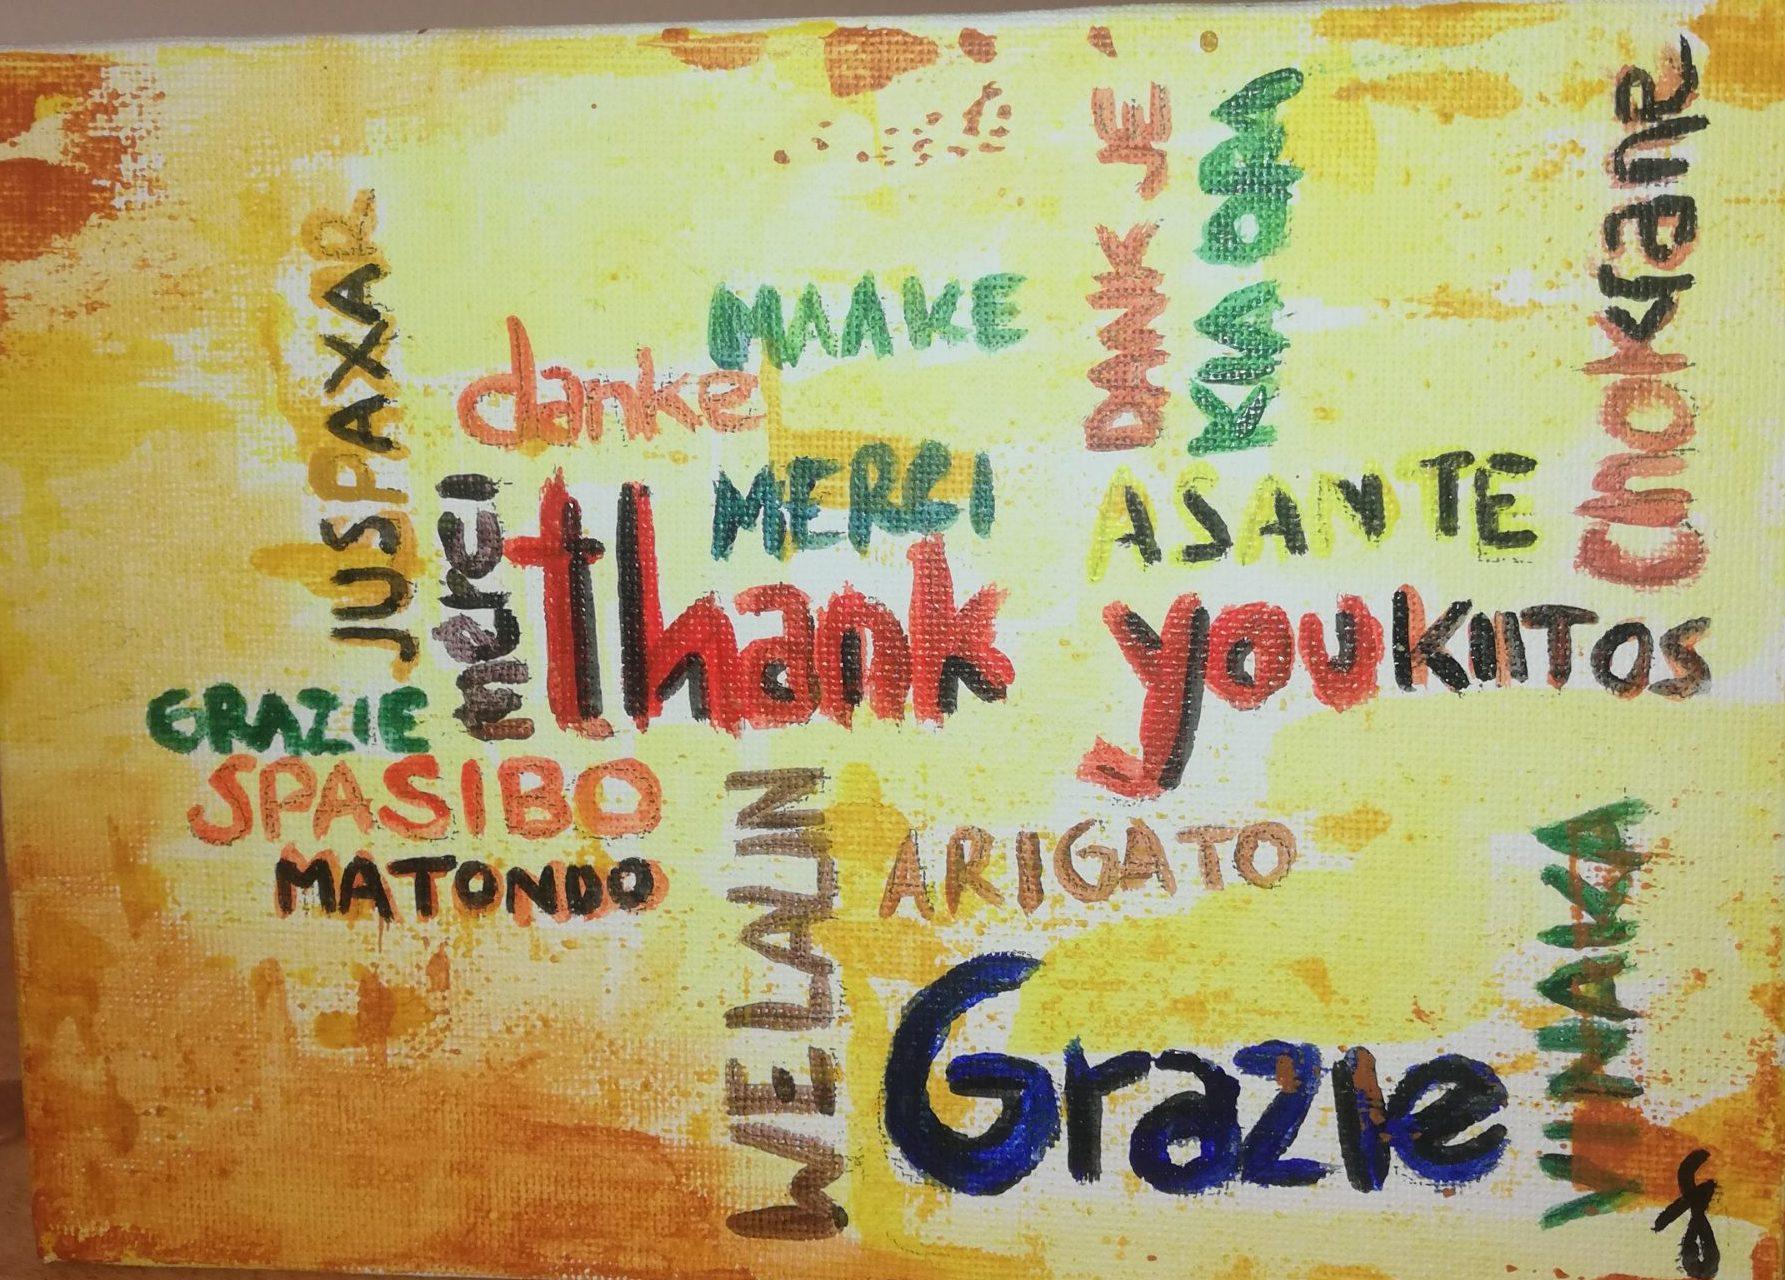 Grazie in tutte le lingue del mondo